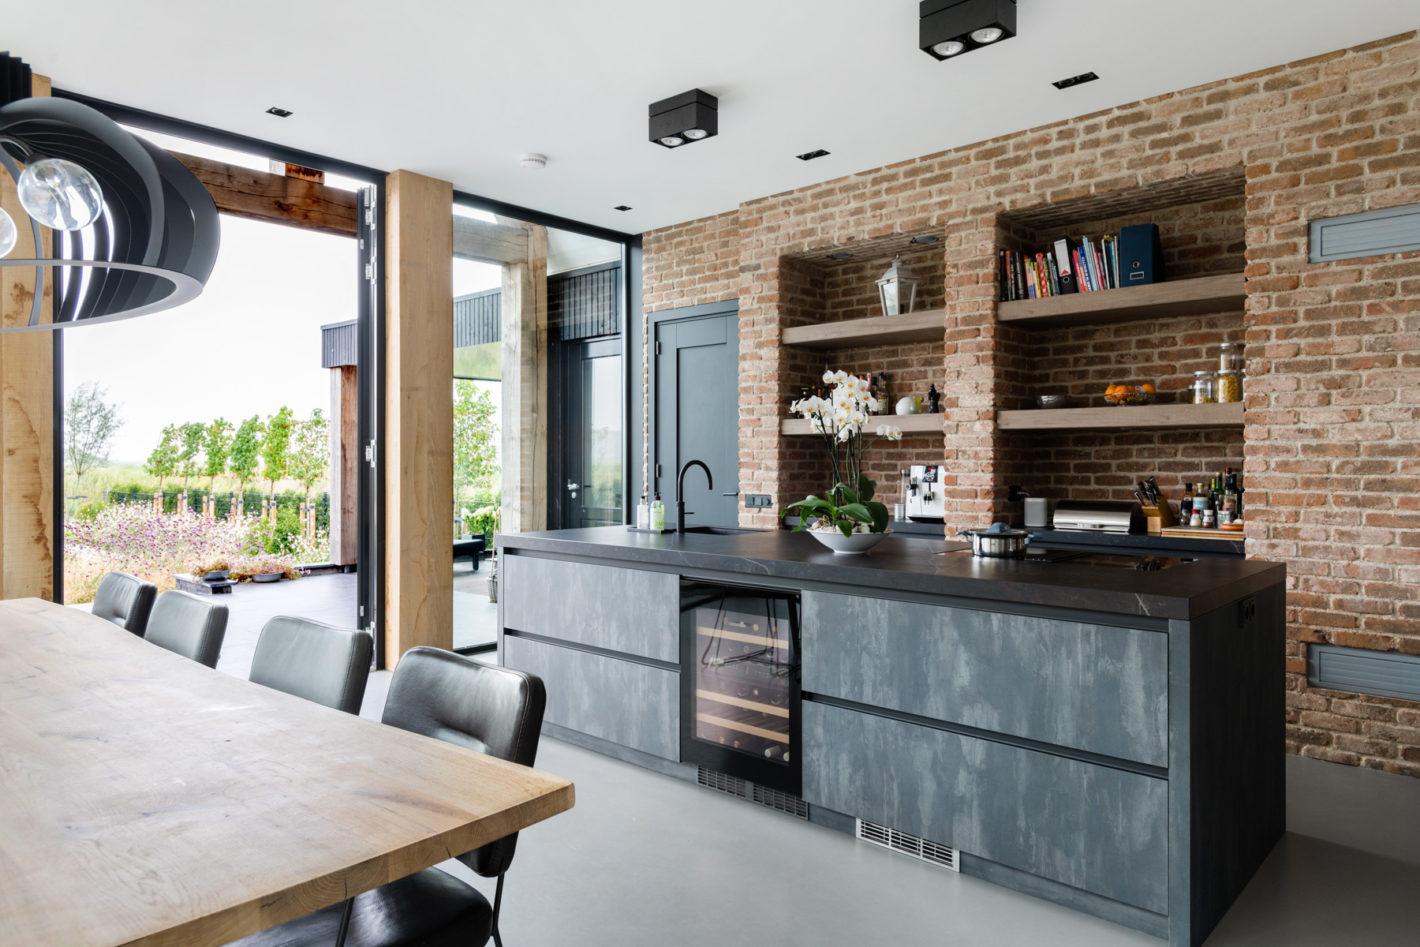 Unieke keuken met blauwstaal